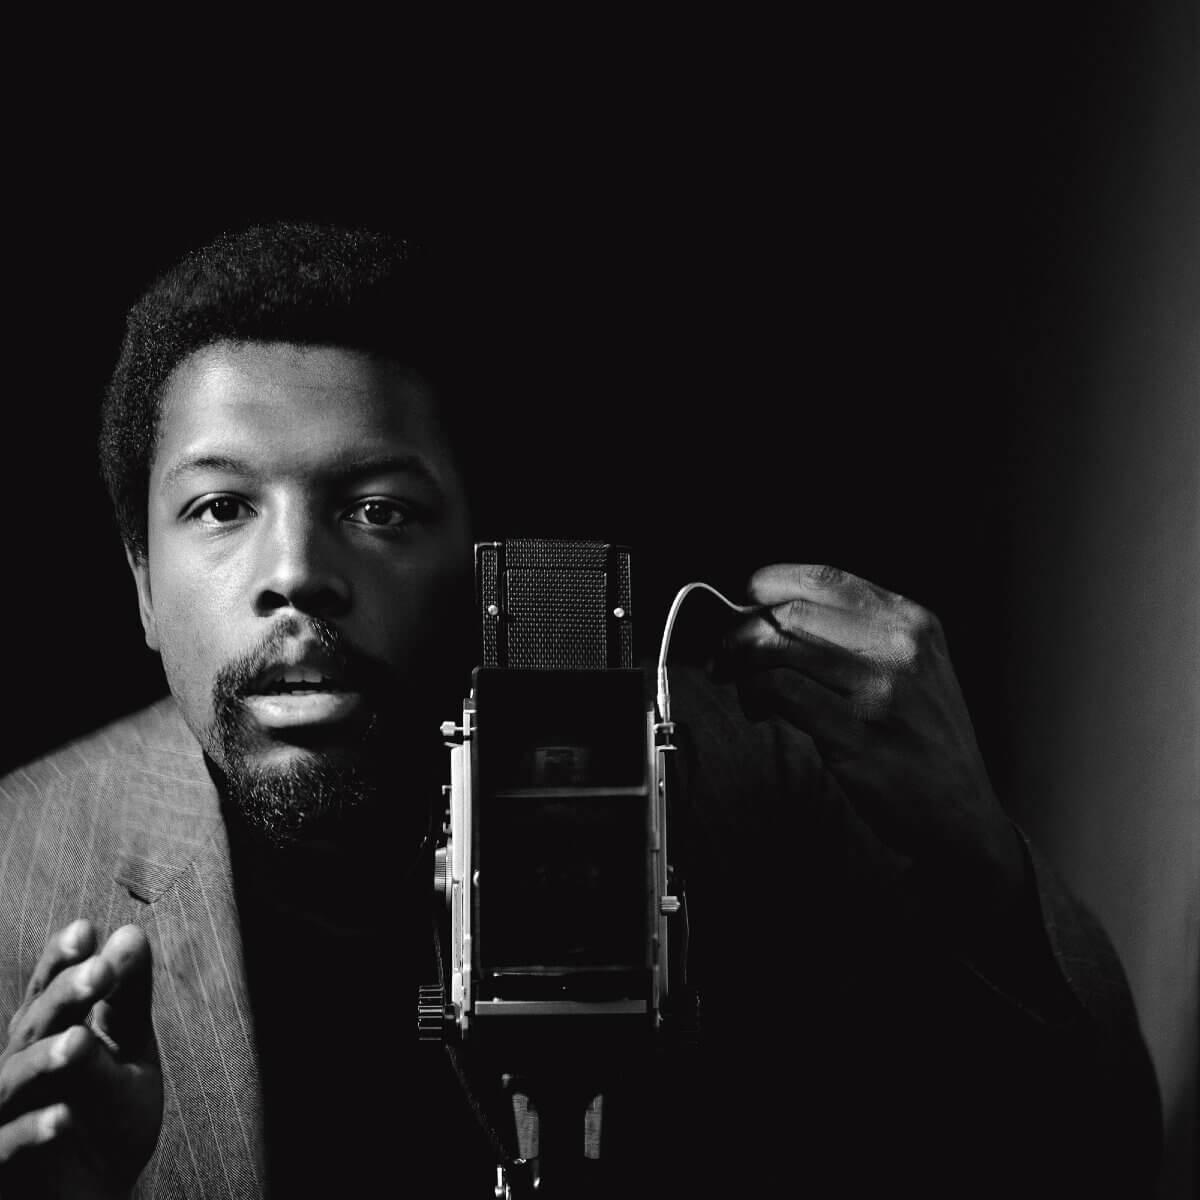 image of black man filming in Blanton Museum of Art